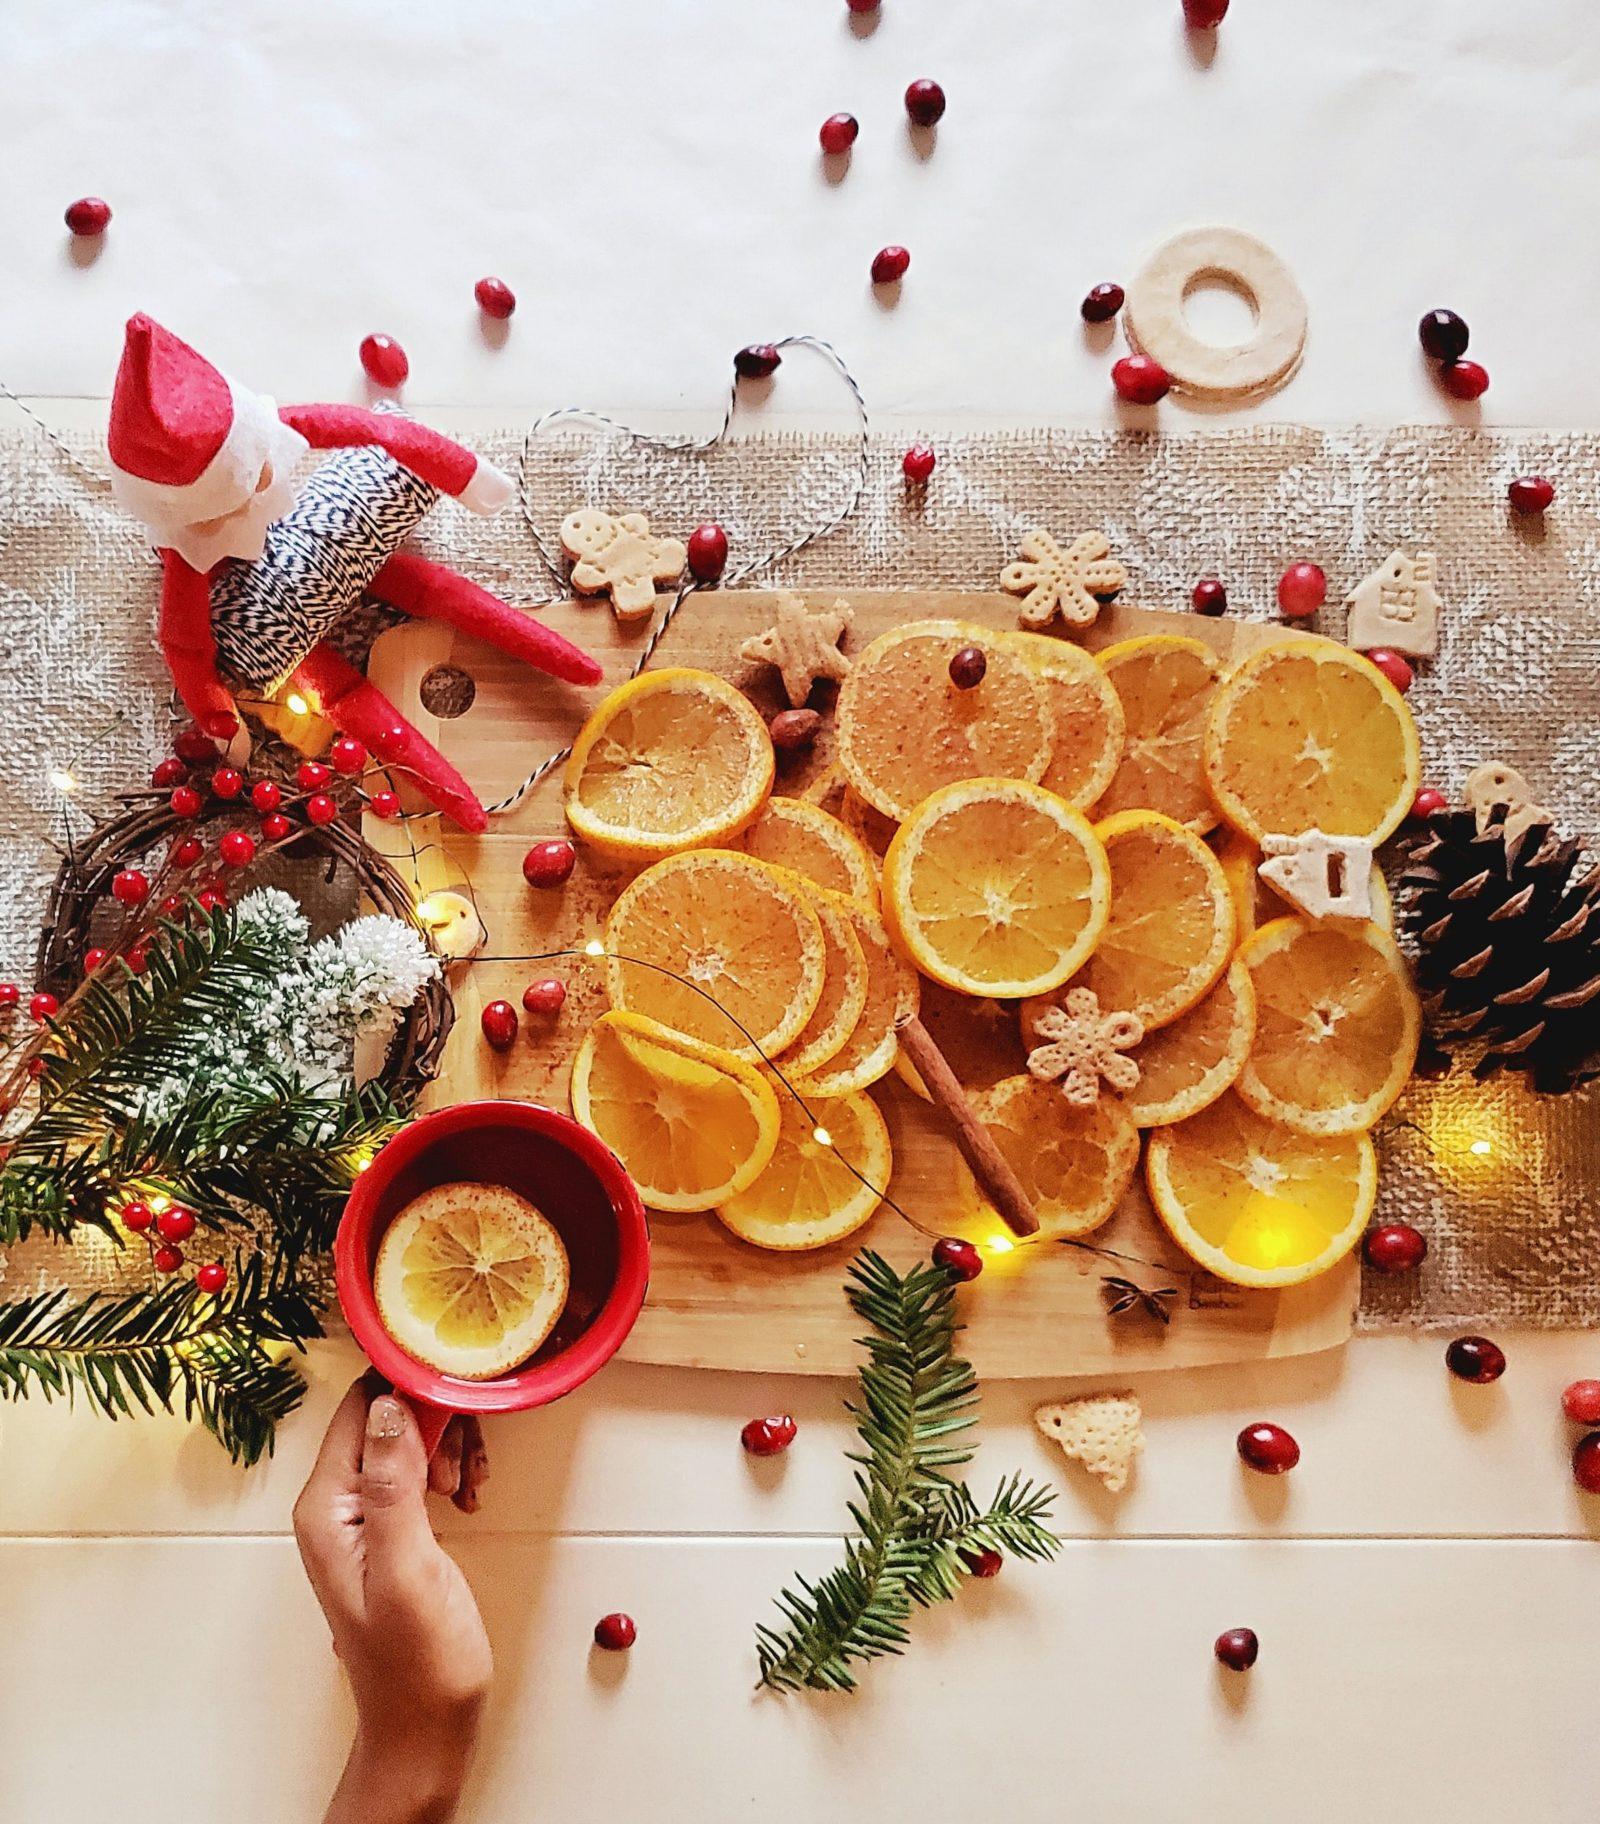 Come rimediare alle abbuffate natalizie